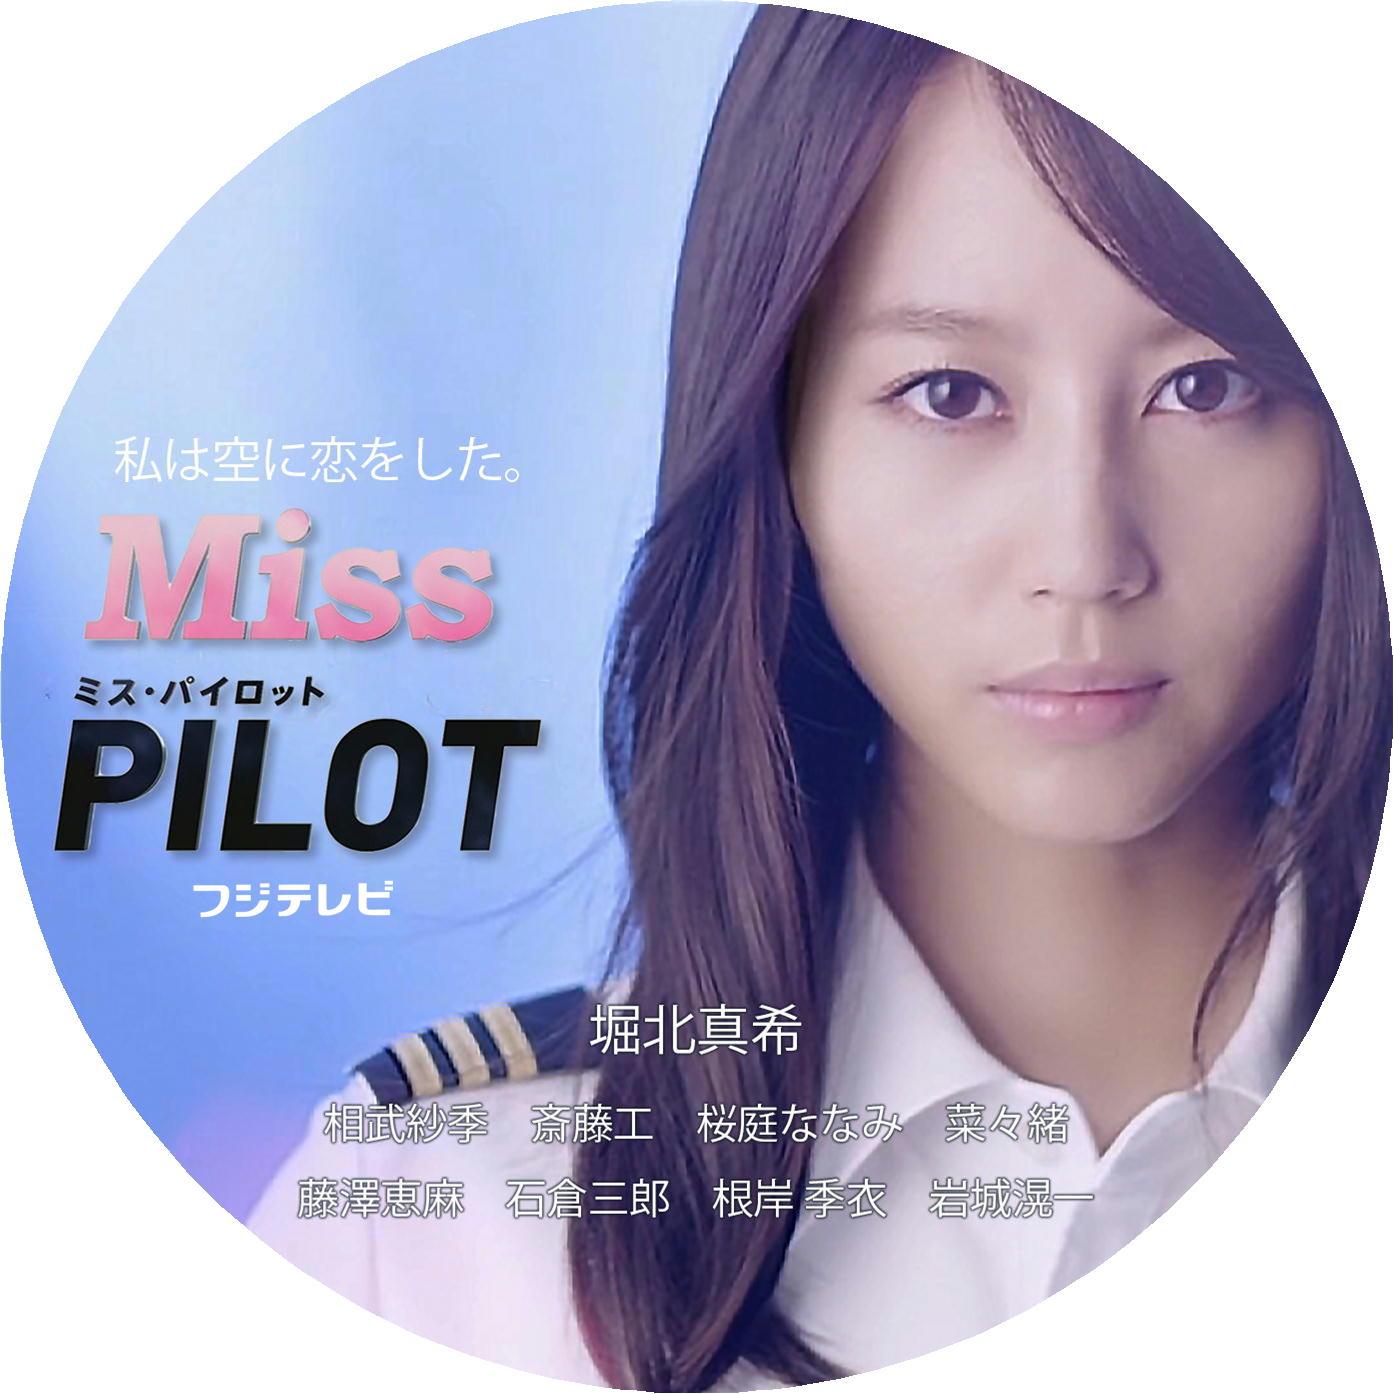 ミスパイロット DVDラベル